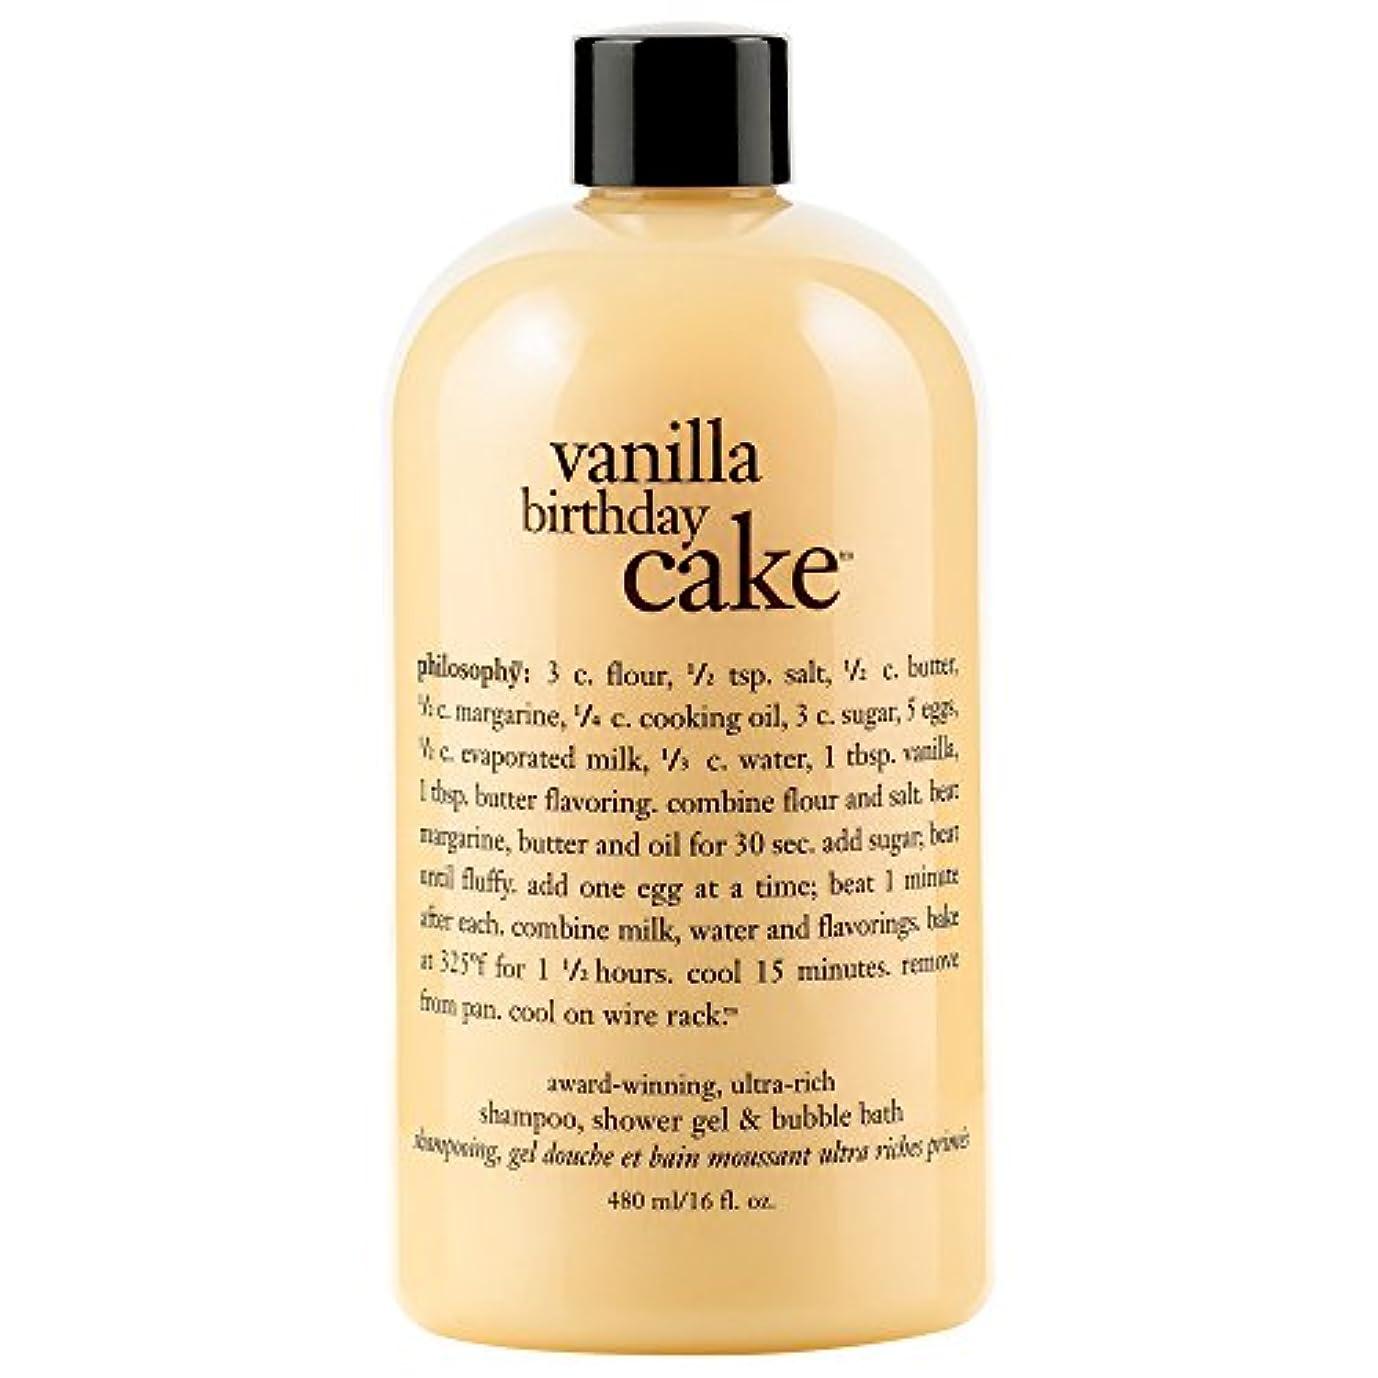 断片ベスビオ山説得力のある哲学バニラバースデーケーキシャンプー/シャワージェル/バブルバス480ミリリットル (Philosophy) (x2) - Philosophy Vanilla Birthday Cake Shampoo/Shower...